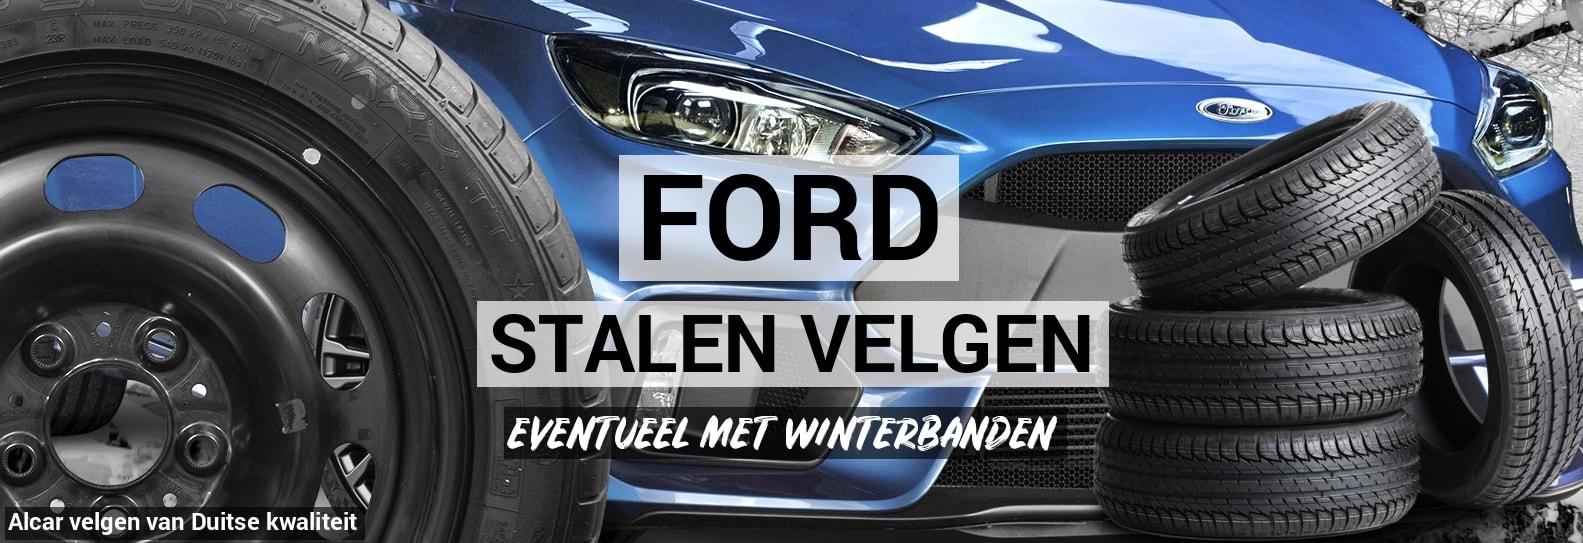 Stalen Velgen Ford Autobanden Kopen Nieuwe Banden Bestel